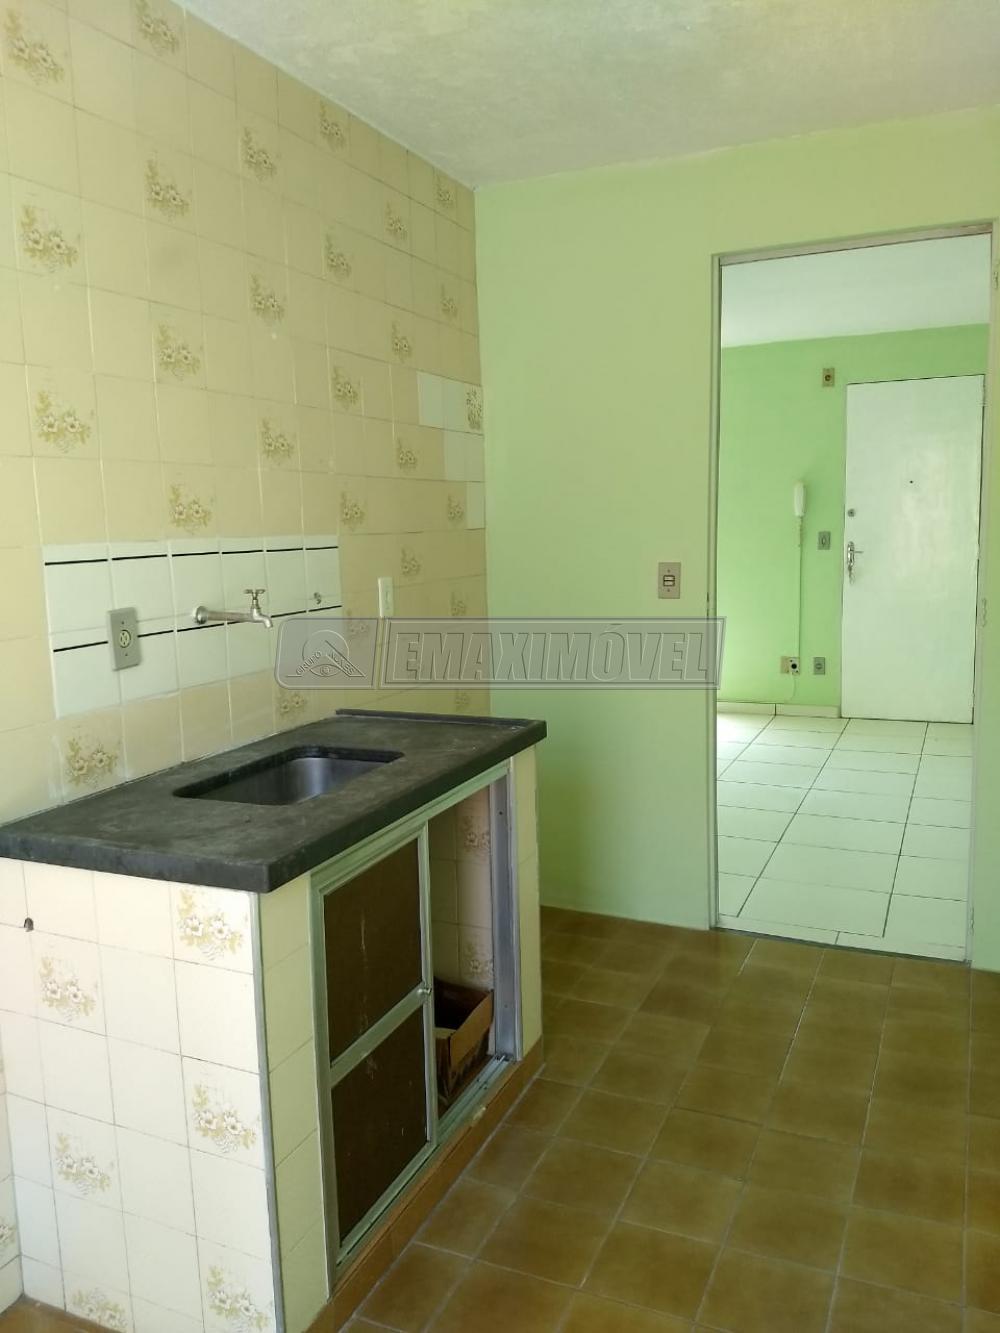 Comprar Apartamento / Padrão em Sorocaba R$ 148.400,00 - Foto 13